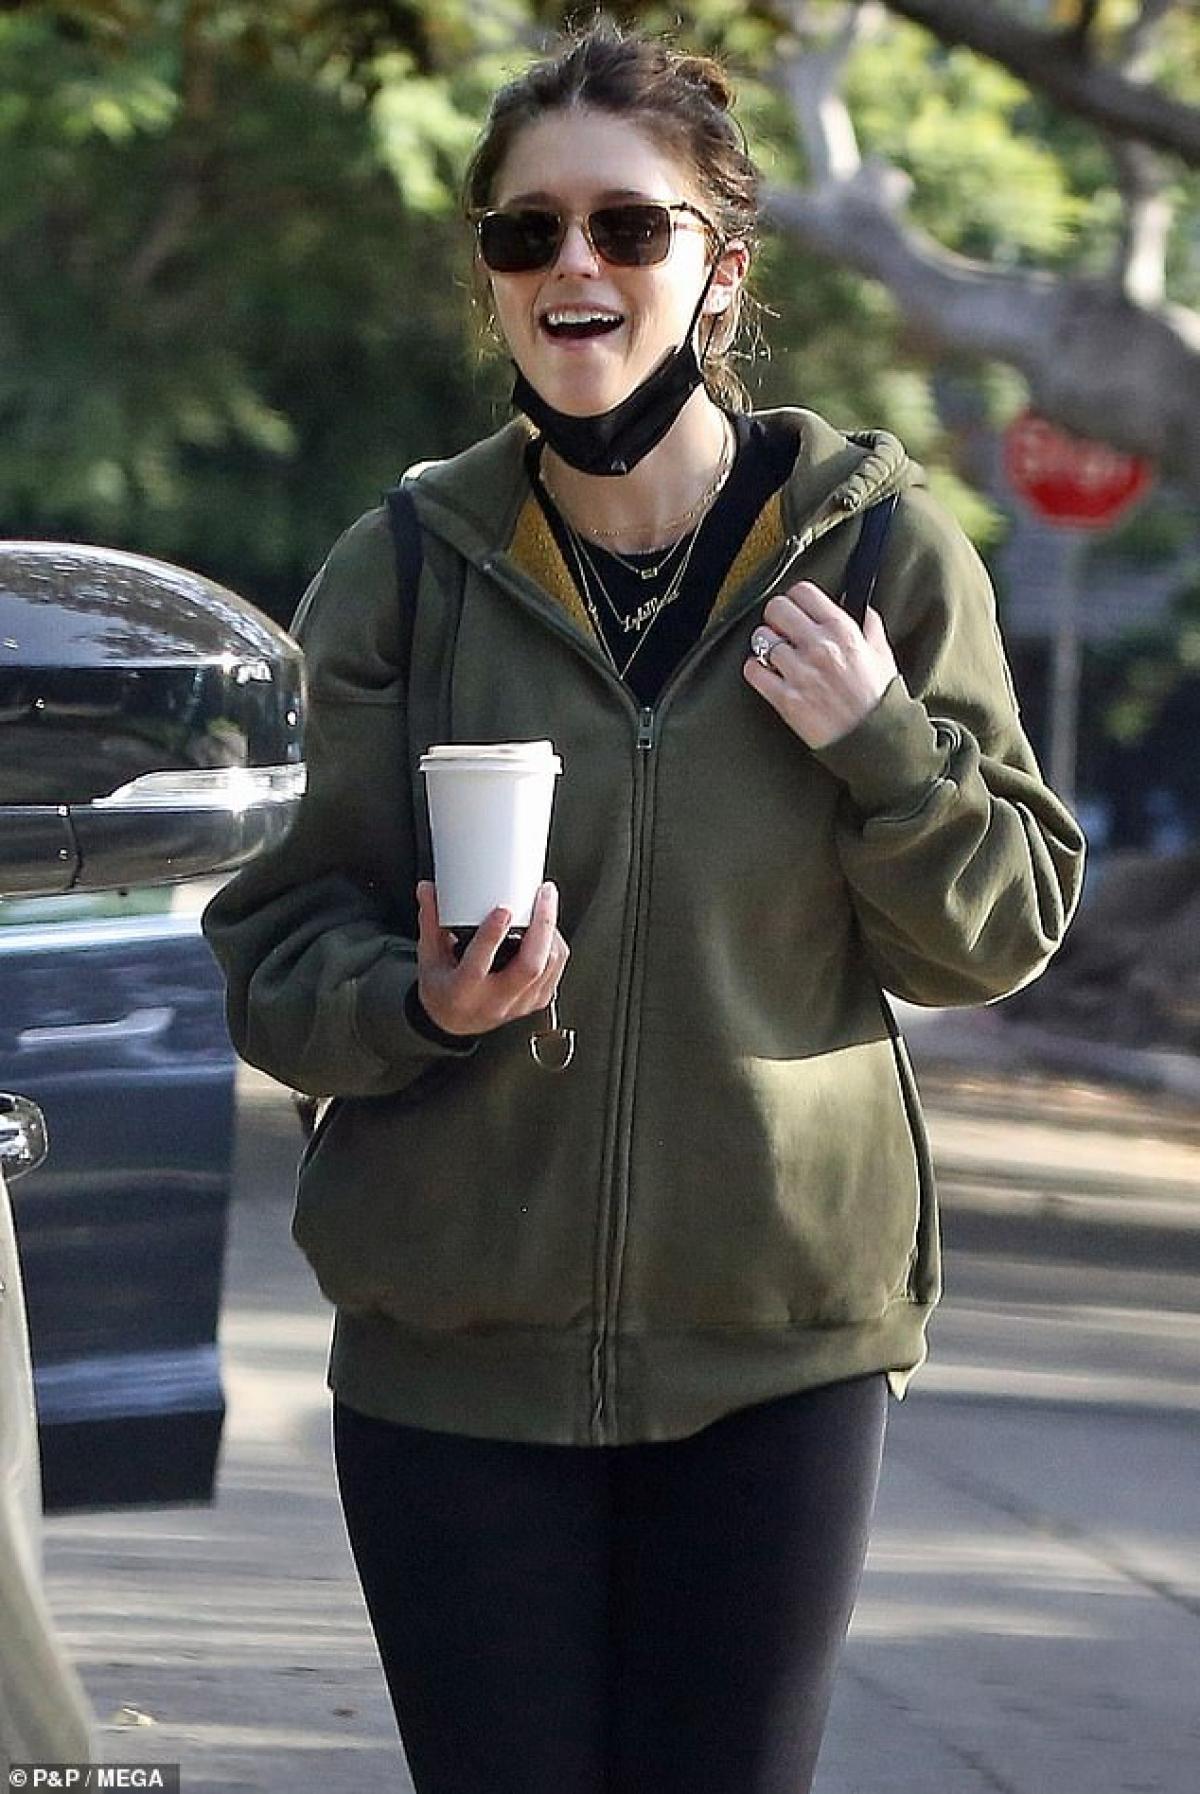 Katherine Schwarzenegger là một nhà văn, blogger tiếng tăm. Cô là con gái của diễn viên Arnold Schwarzenegger và nhà báo Maria Shriver.